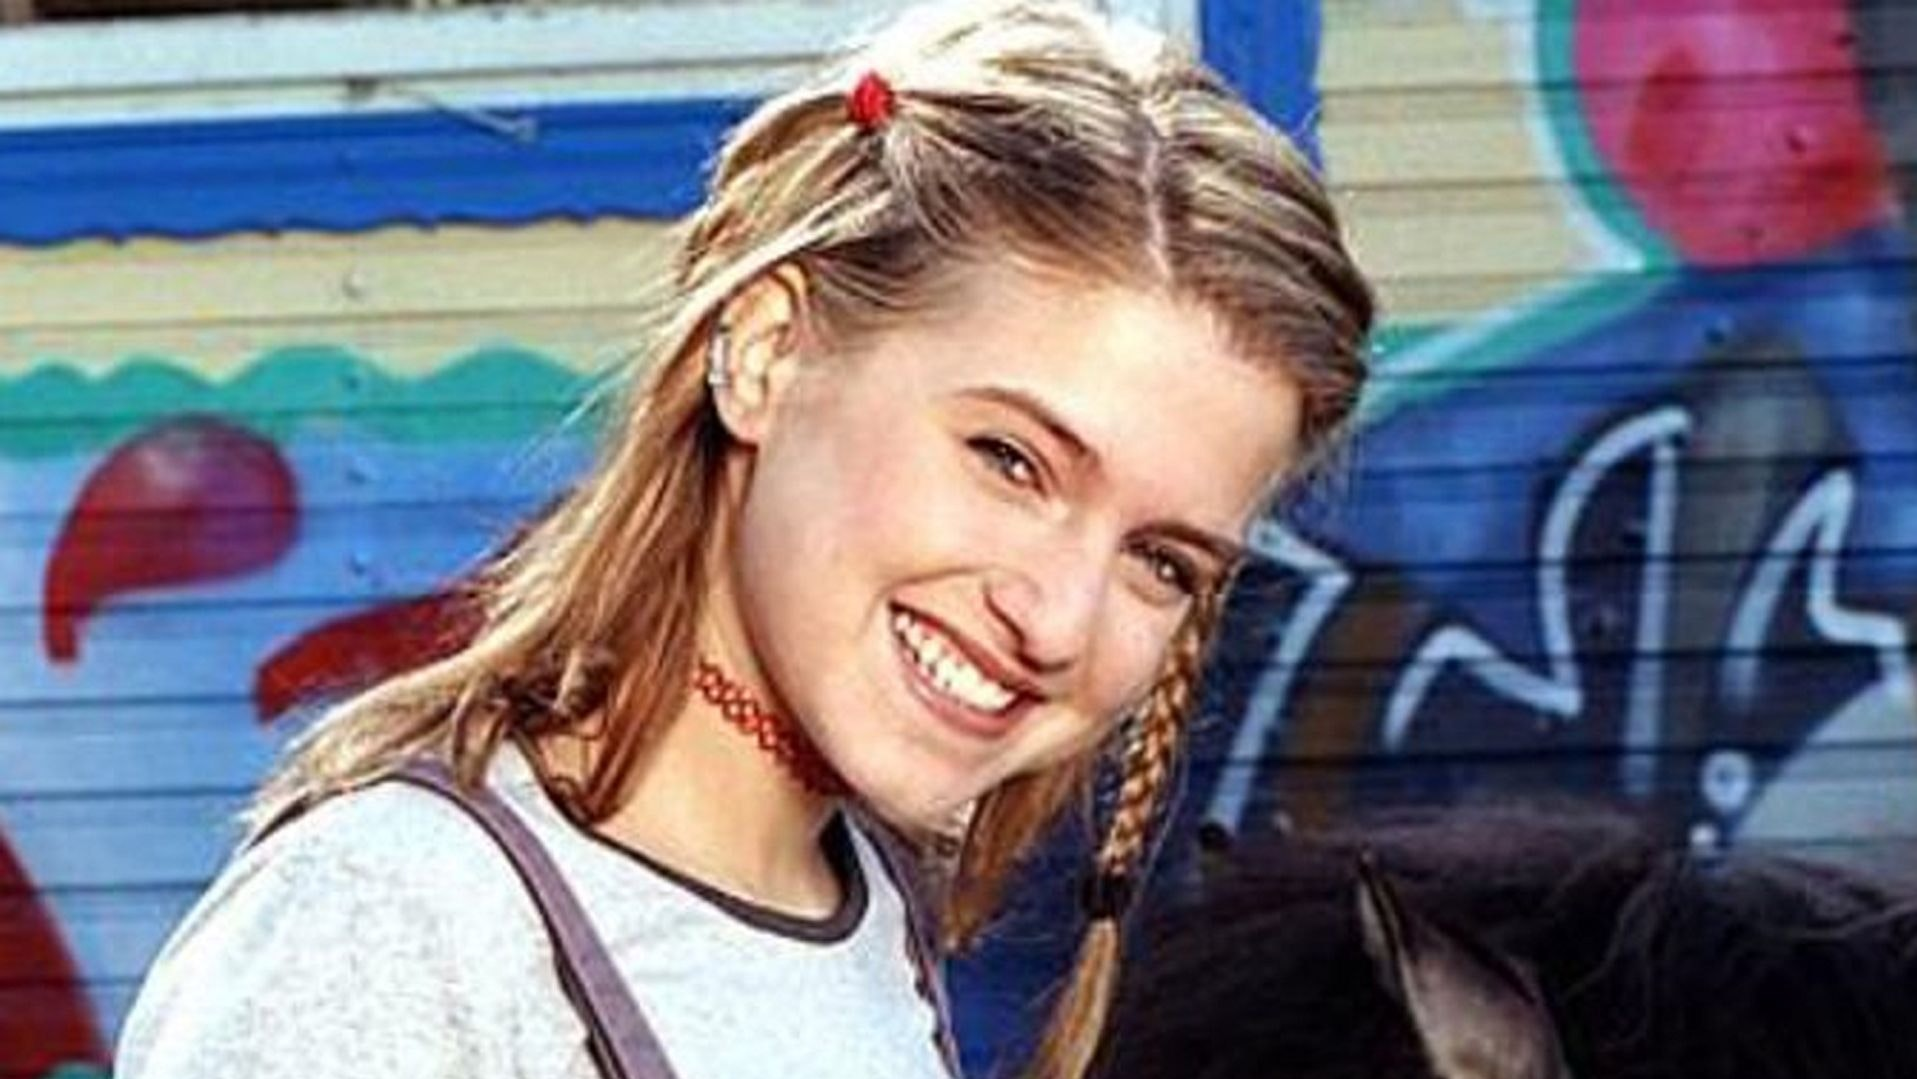 Jeanette Biedermann in den 90s